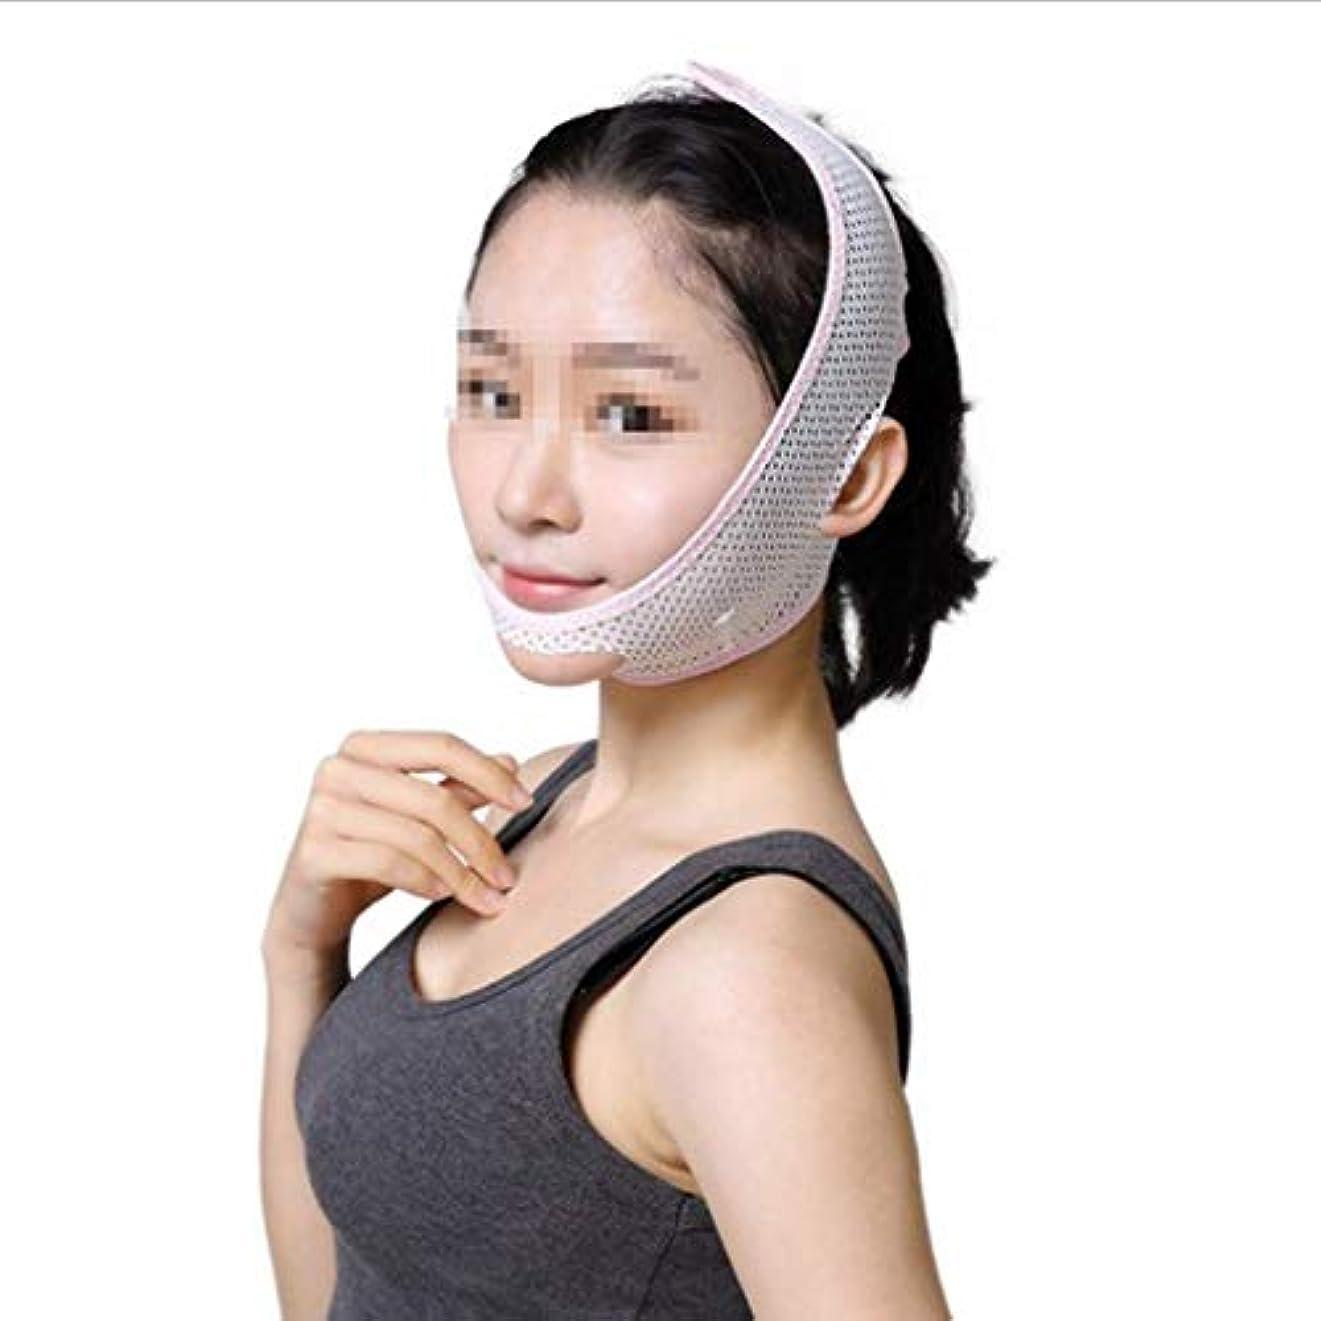 ネックレス乳製品救急車超薄型通気性フェイスマスク、包帯Vフェイスマスクフェイスリフティングファーミングダブルチンシンフェイスベルト(サイズ:M),M